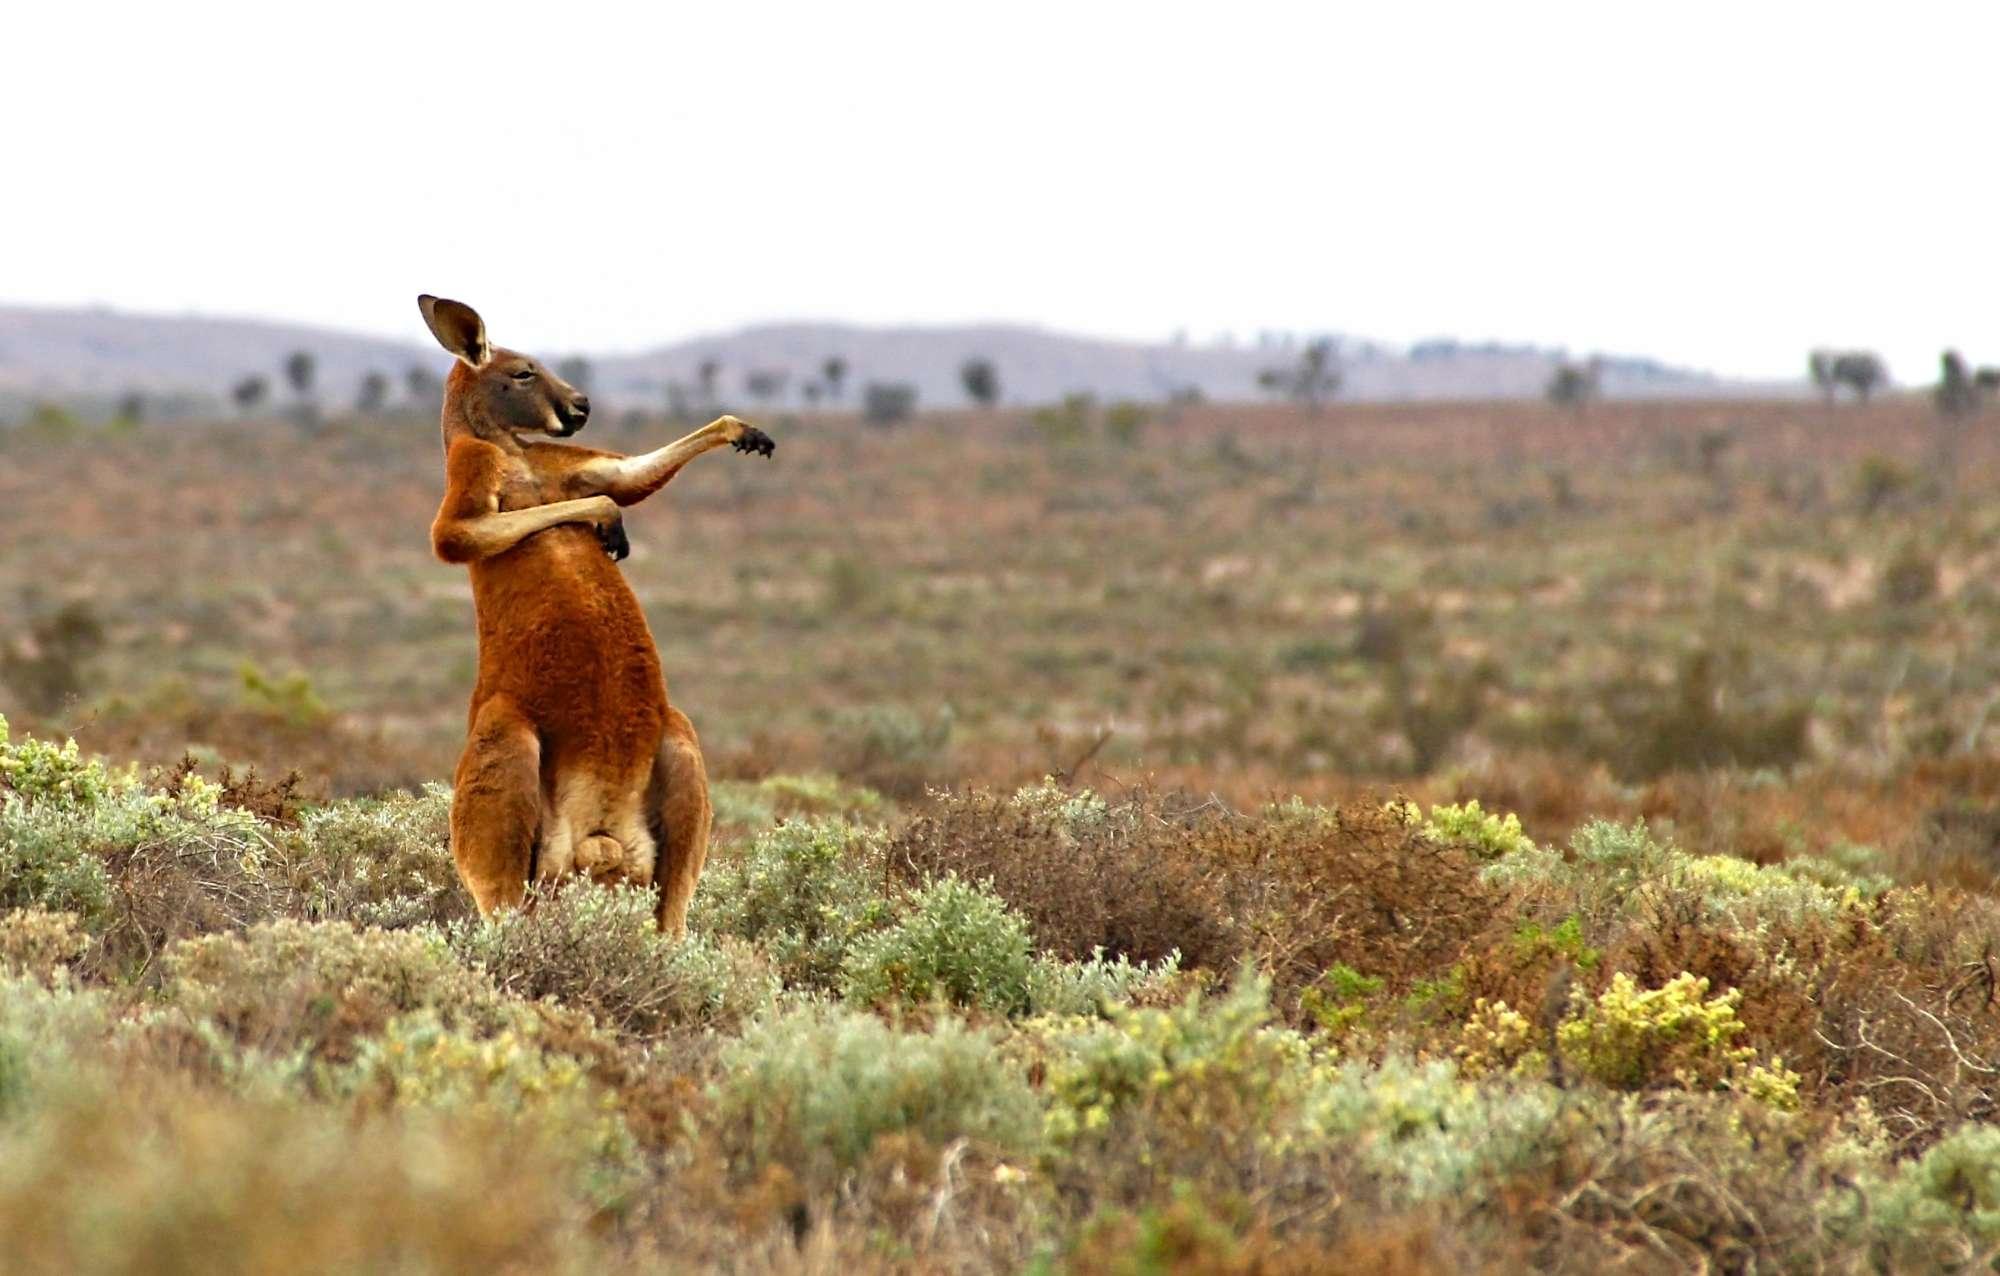 Immagini Dal Mondo Divertenti il lato buffo della natura: ecco le foto più divertenti dal